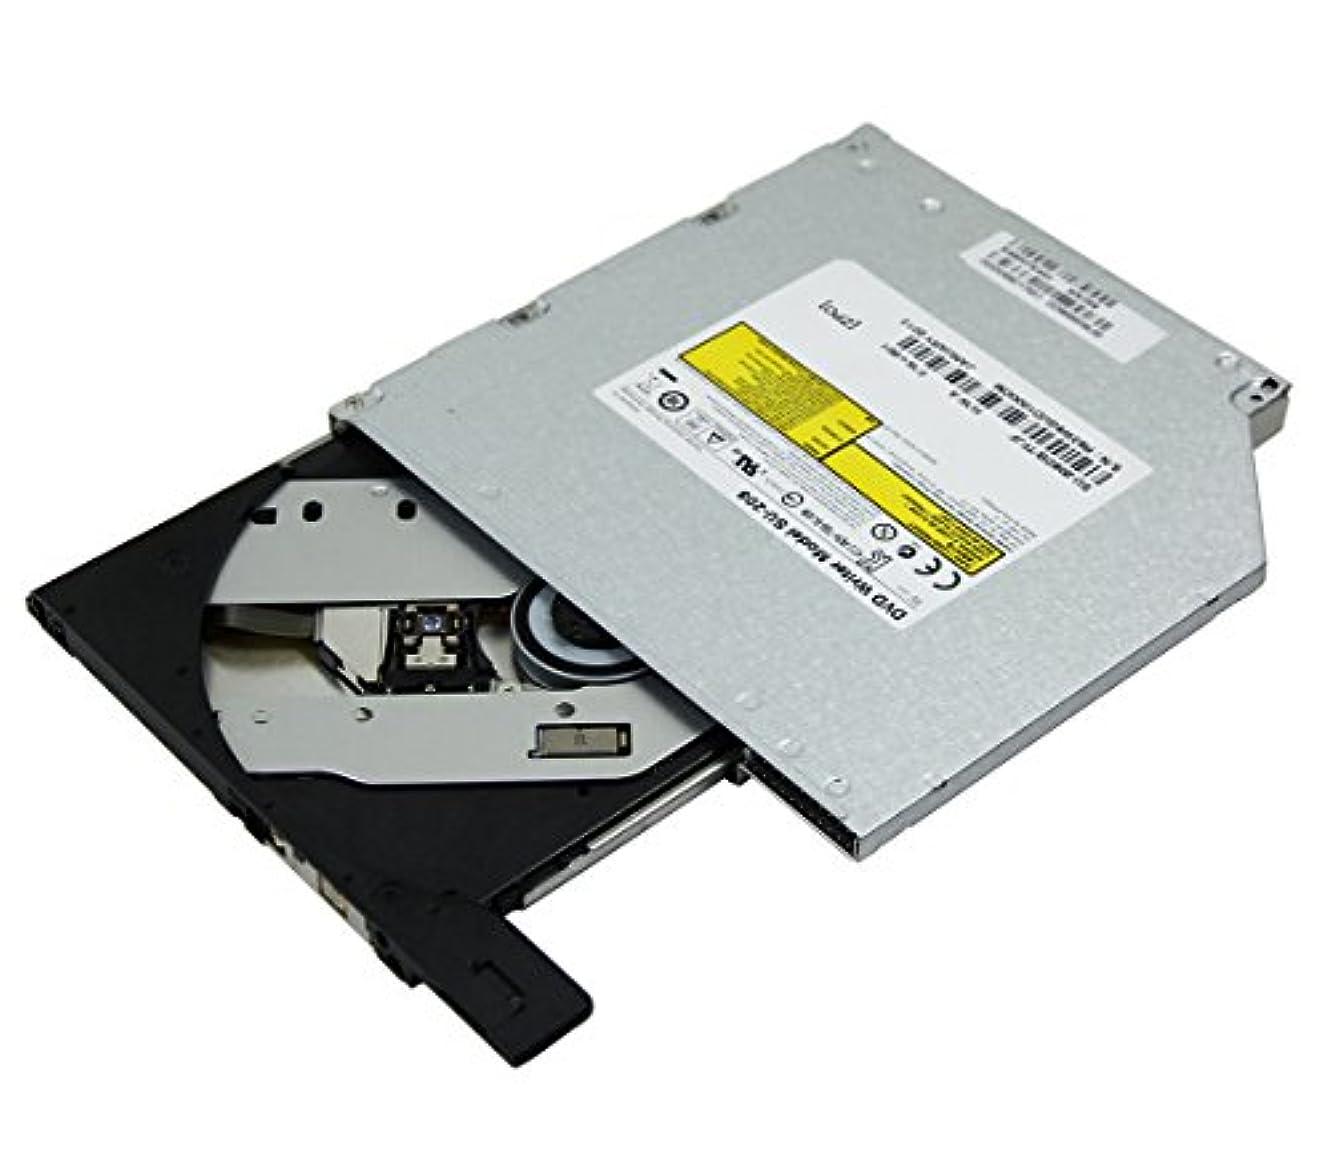 後悔昼間ミシンブランド新しいノートパソコン内部スーパースリムSATA光学ドライブfor Toshiba Satellite l70 - A p70-b s50-a p75-a7200 C55-cシリーズ5 535u4 C 8 x DVD RW DL Burner 24 X CD - RWレコーダー交換用